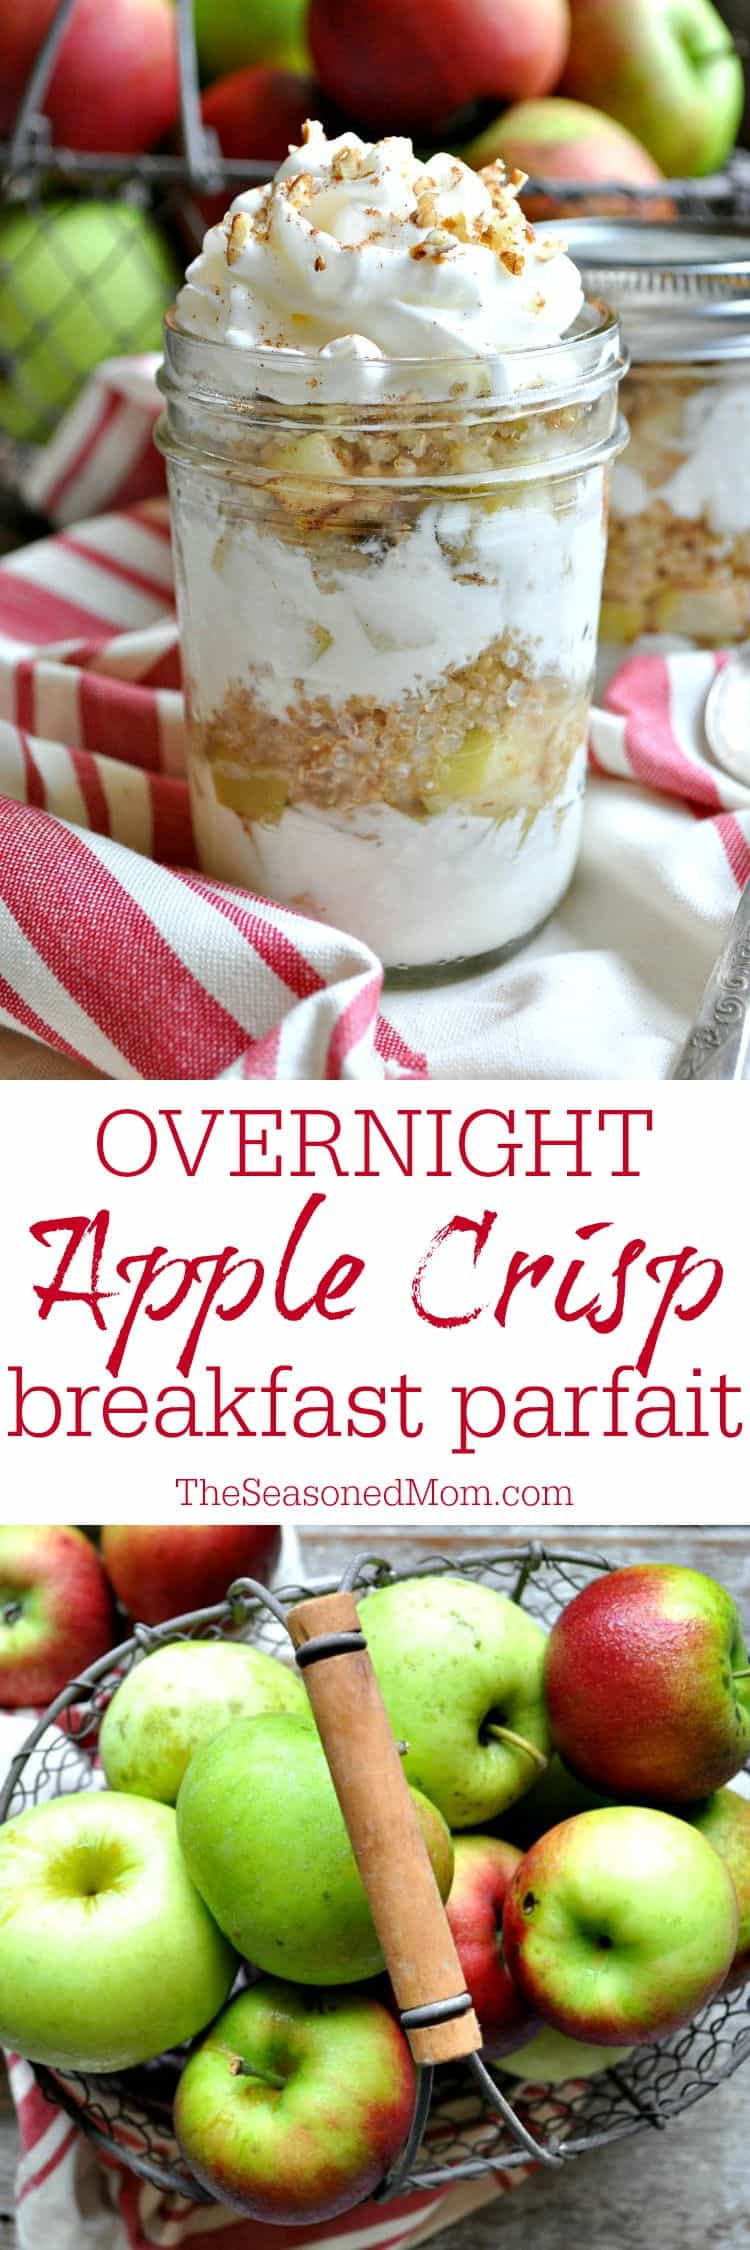 Overnight Apple Crisp Breakfast Parfait